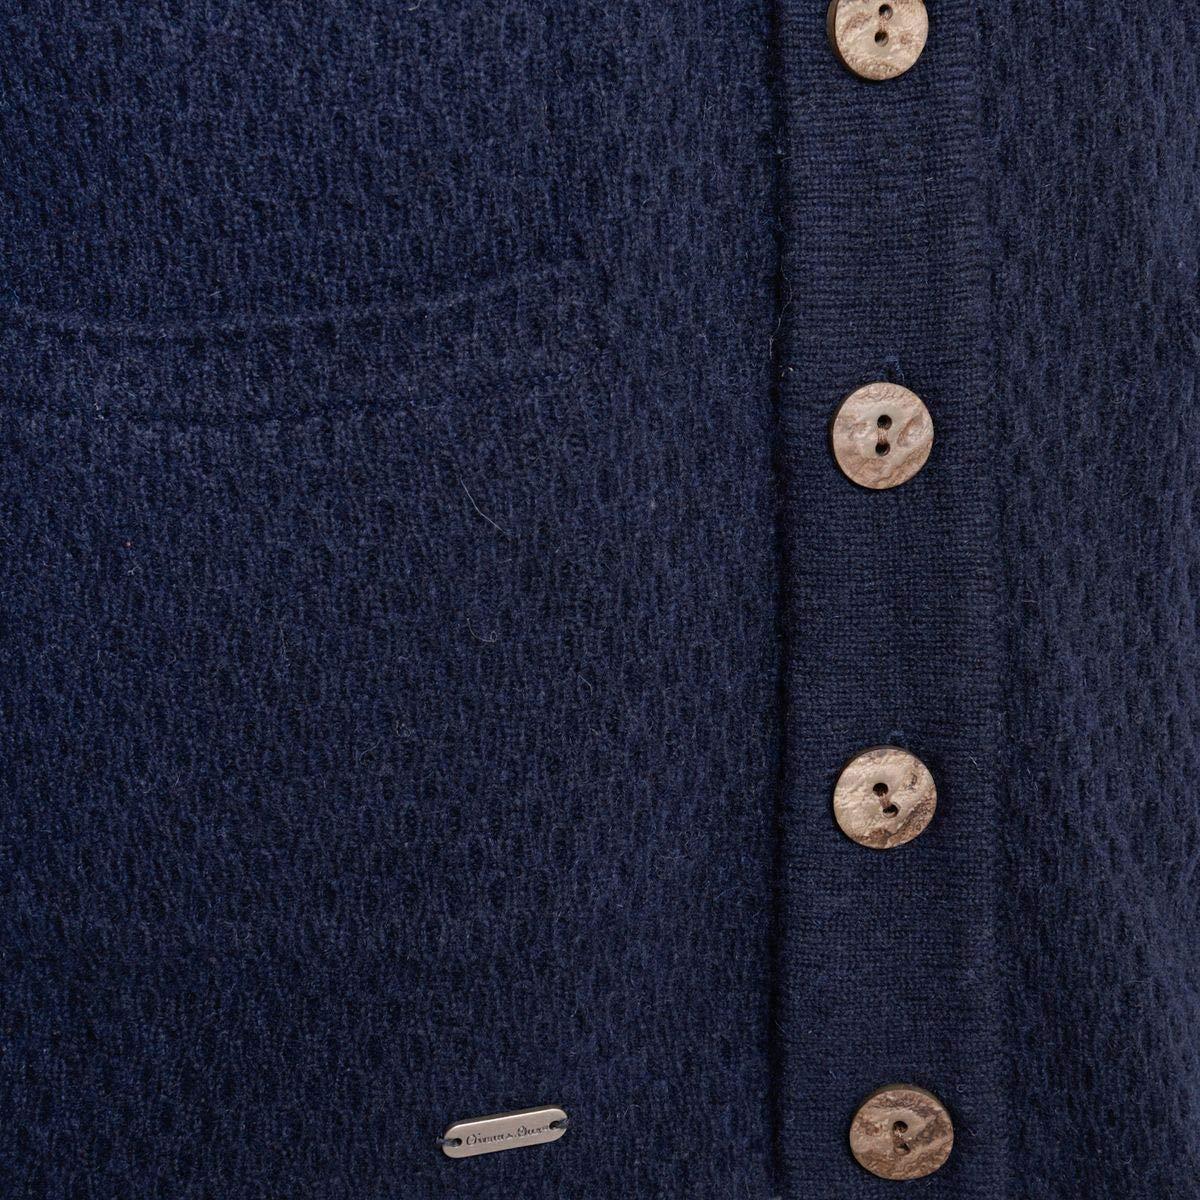 53033ce1c8d9 Gweih und Silk Herren Trachten-Mode Strickjacke Toni in Blau ...